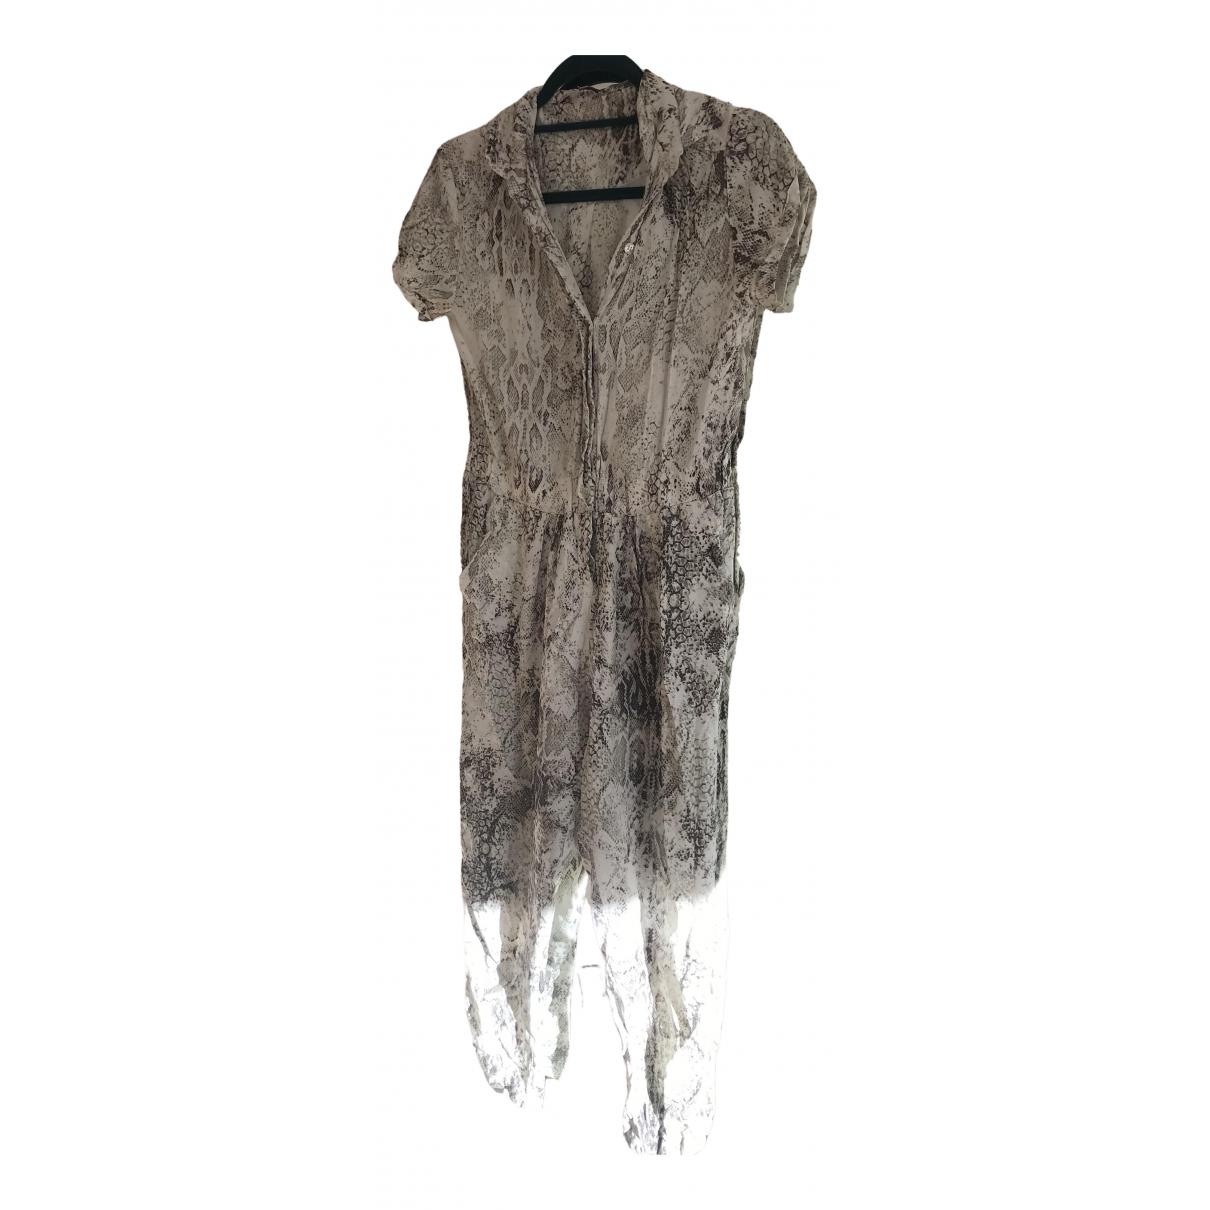 Maje - Combinaison Spring Summer 2020 pour femme en lin - gris